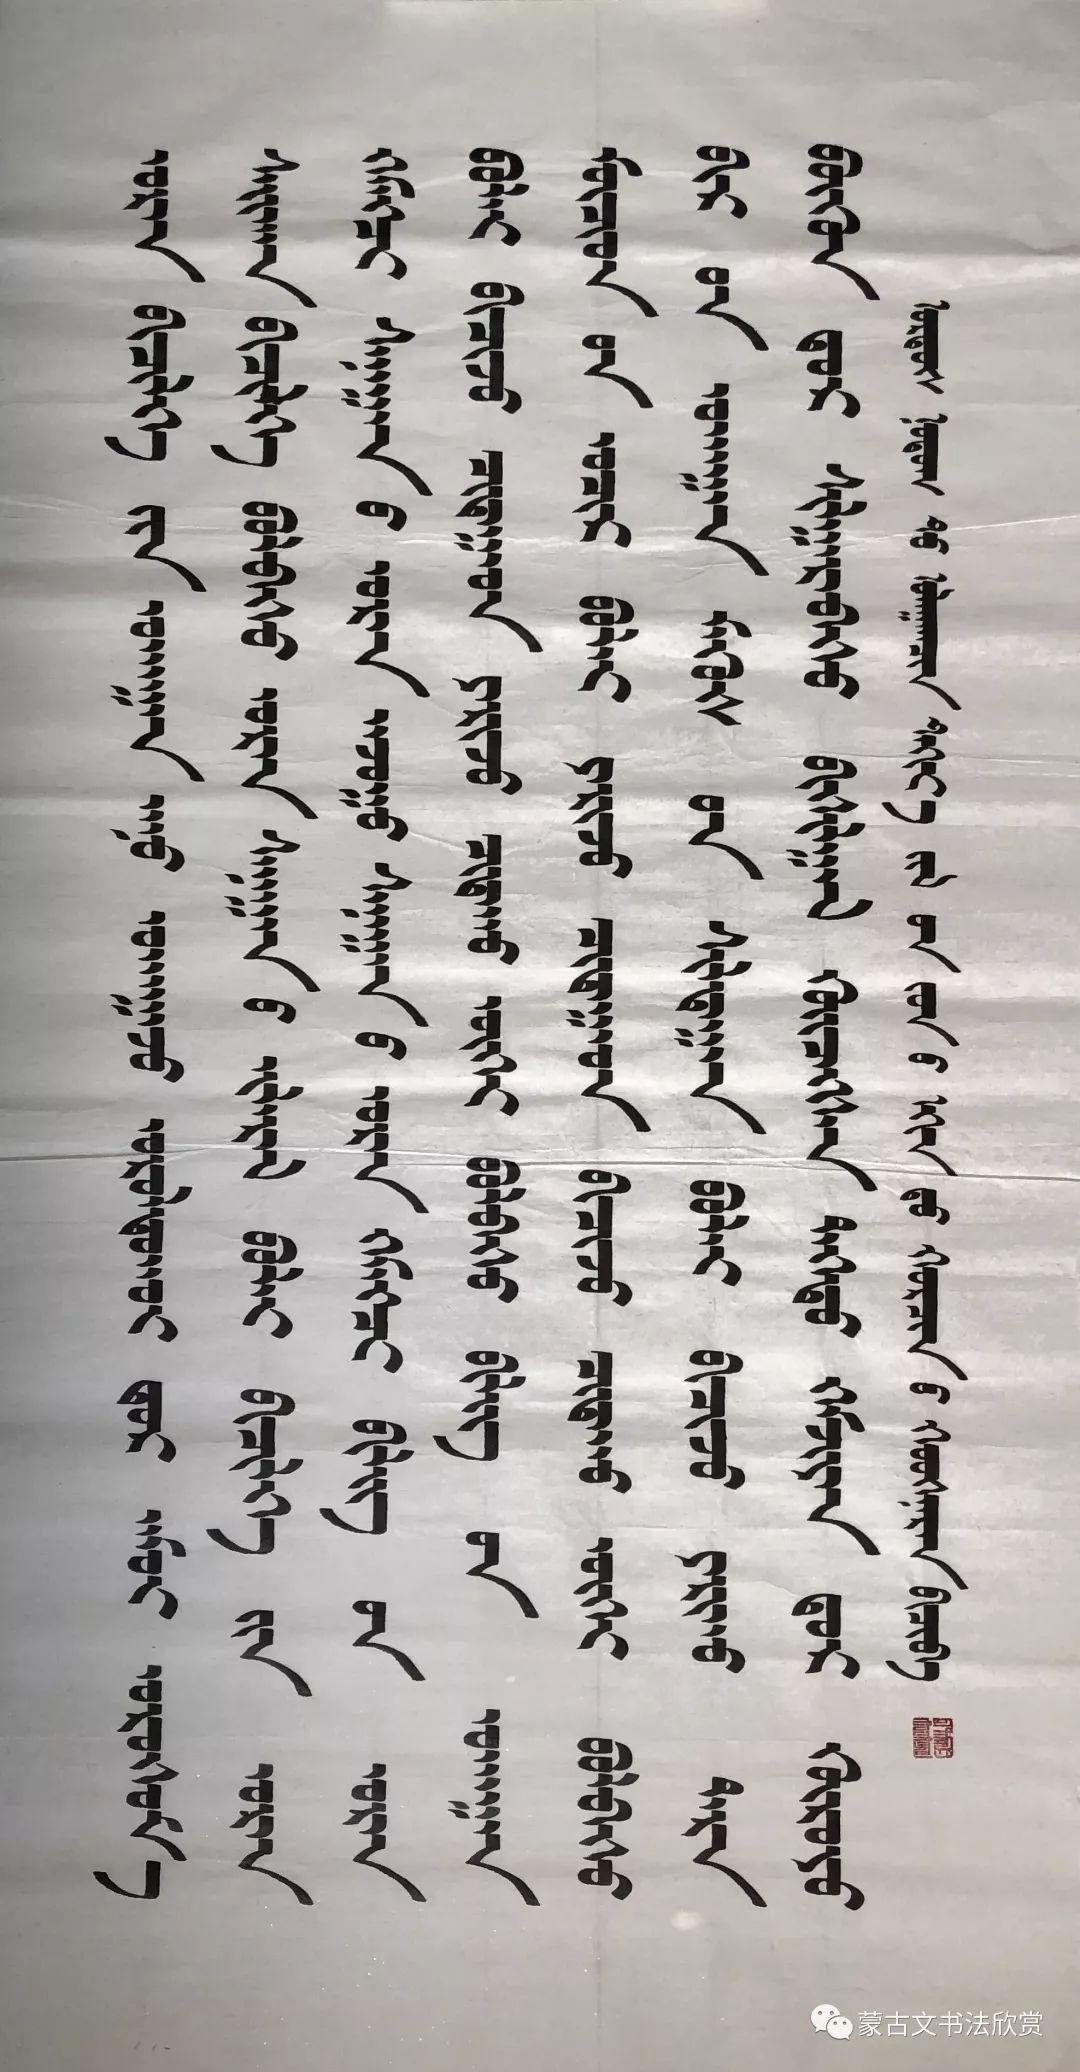 蒙古文书法欣赏——好斯那拉 第4张